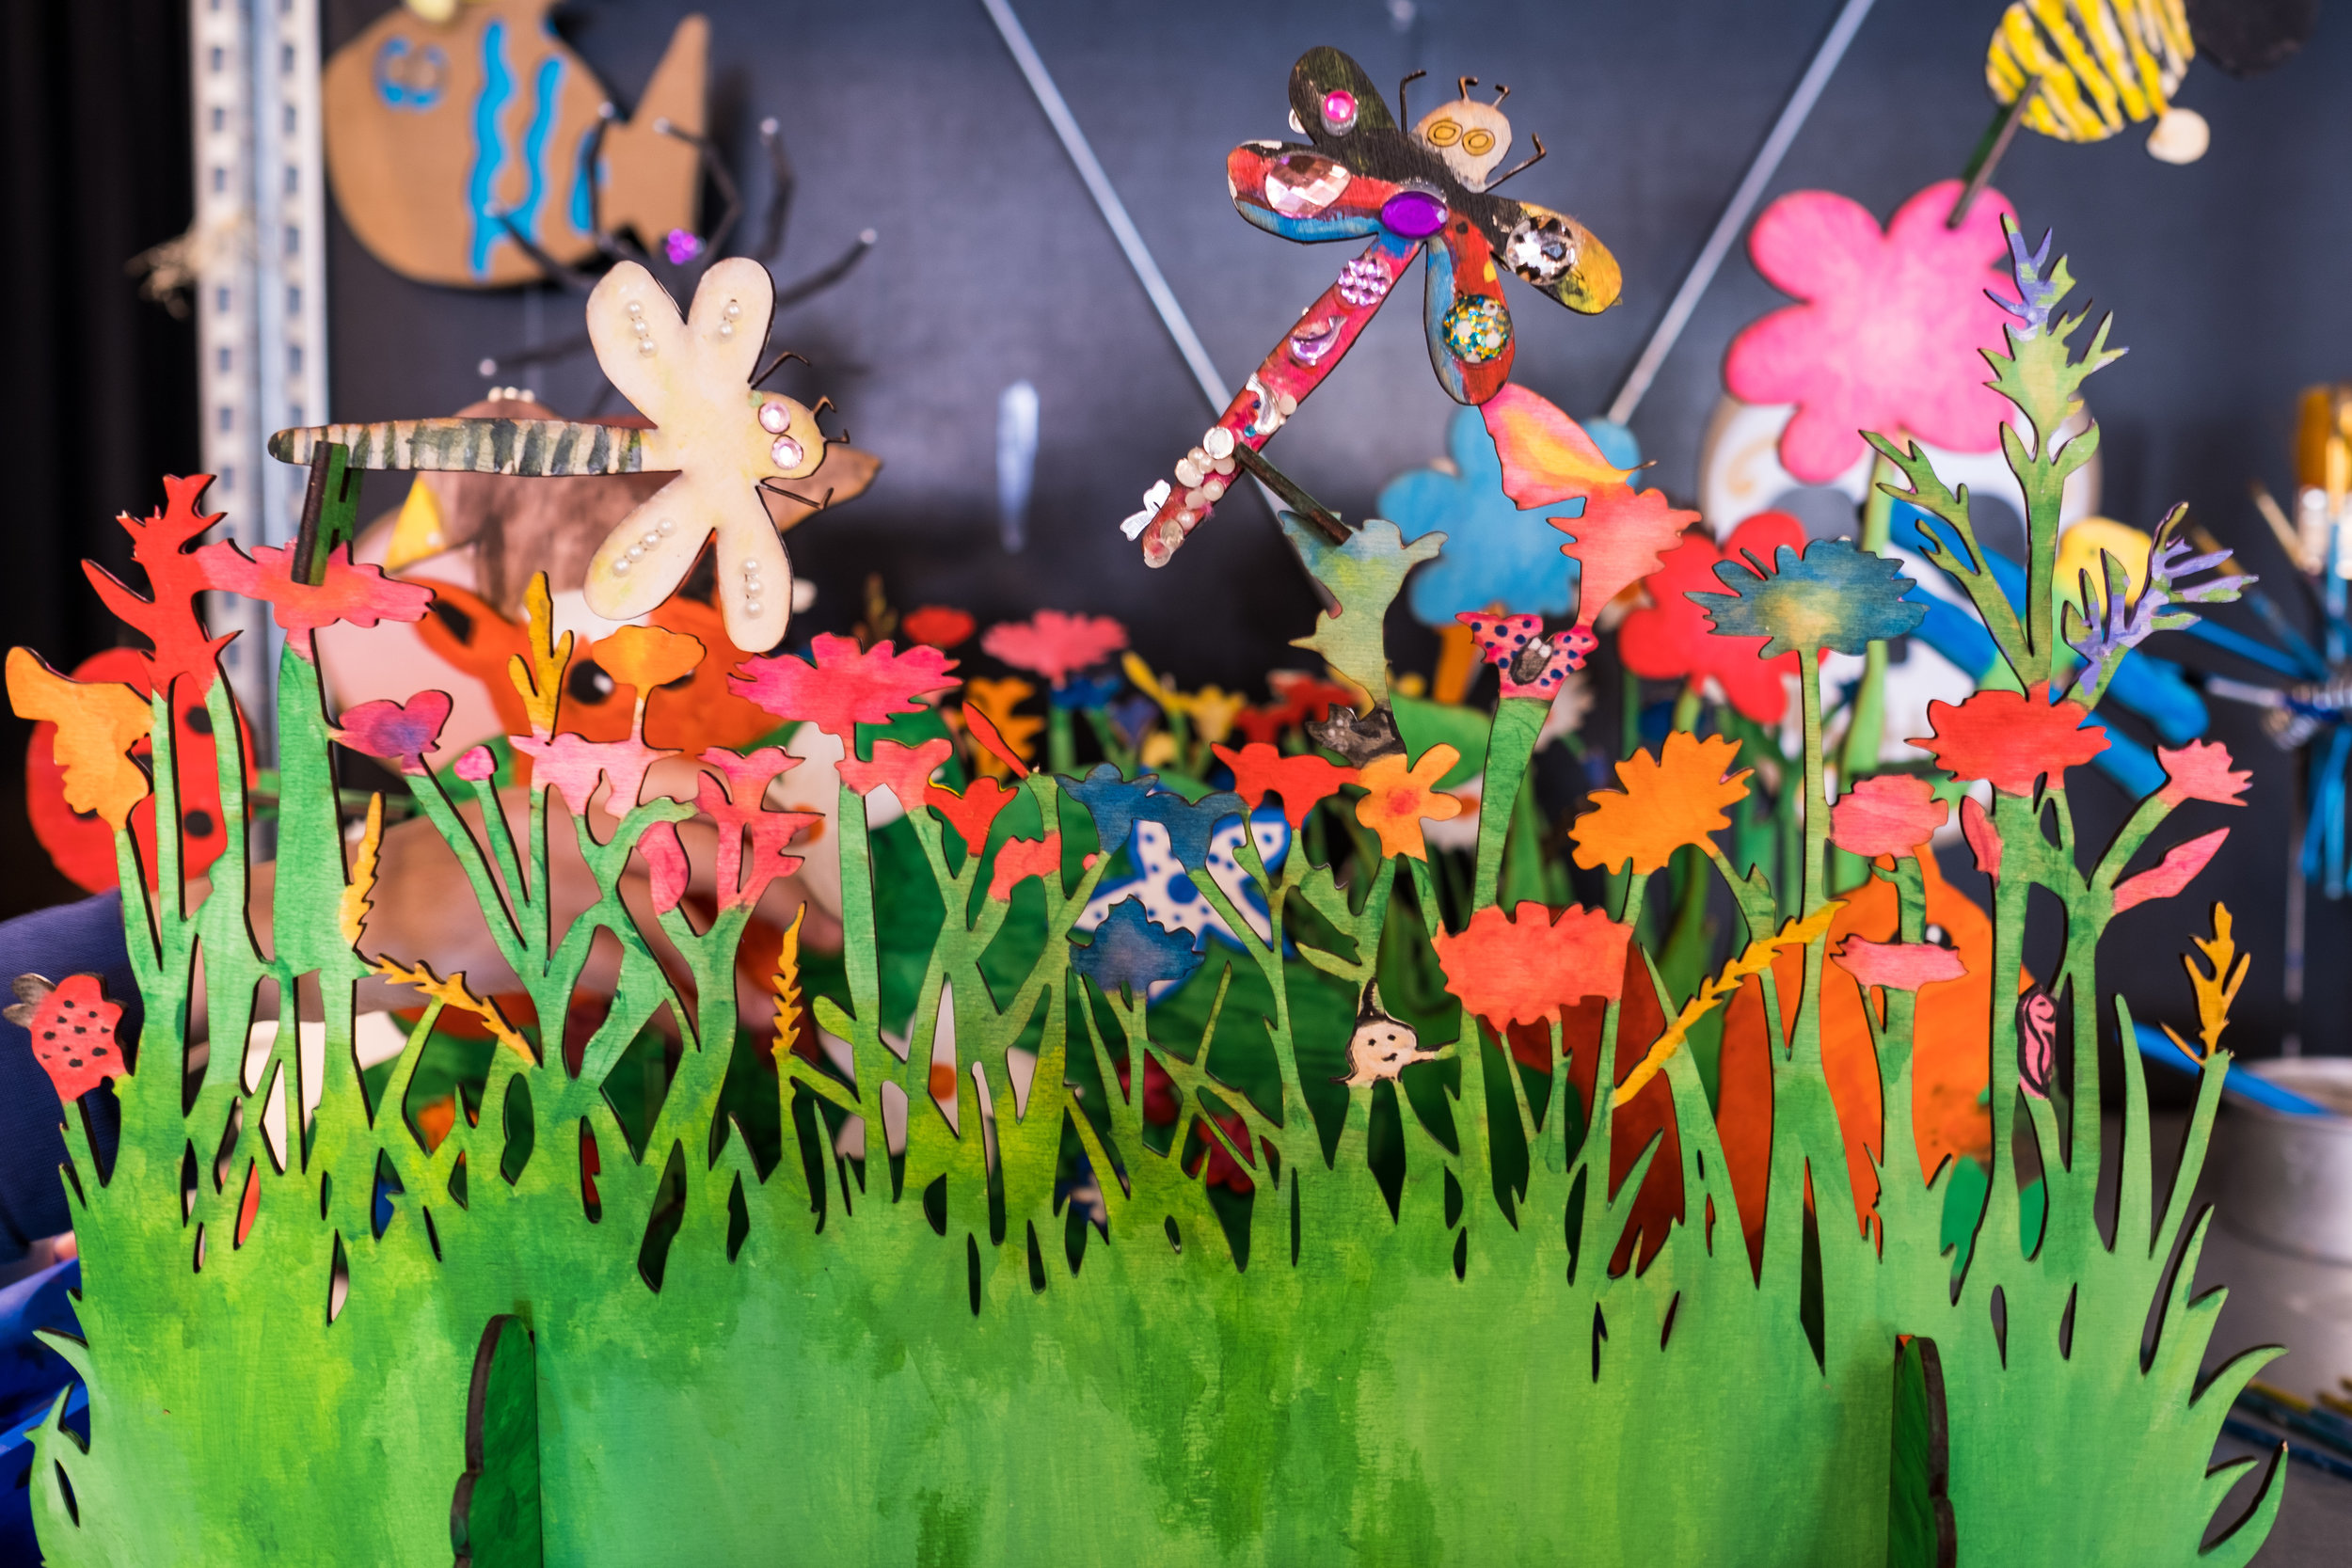 """De bloementuin   Fatima: """"Dit is de bloementuin die we hebben ontworpen. Elk kind in de maakplaats heeft een ander dier ervoor gemaakt. Je ziet bijvoorbeeld al twee libellen boven het gras."""""""